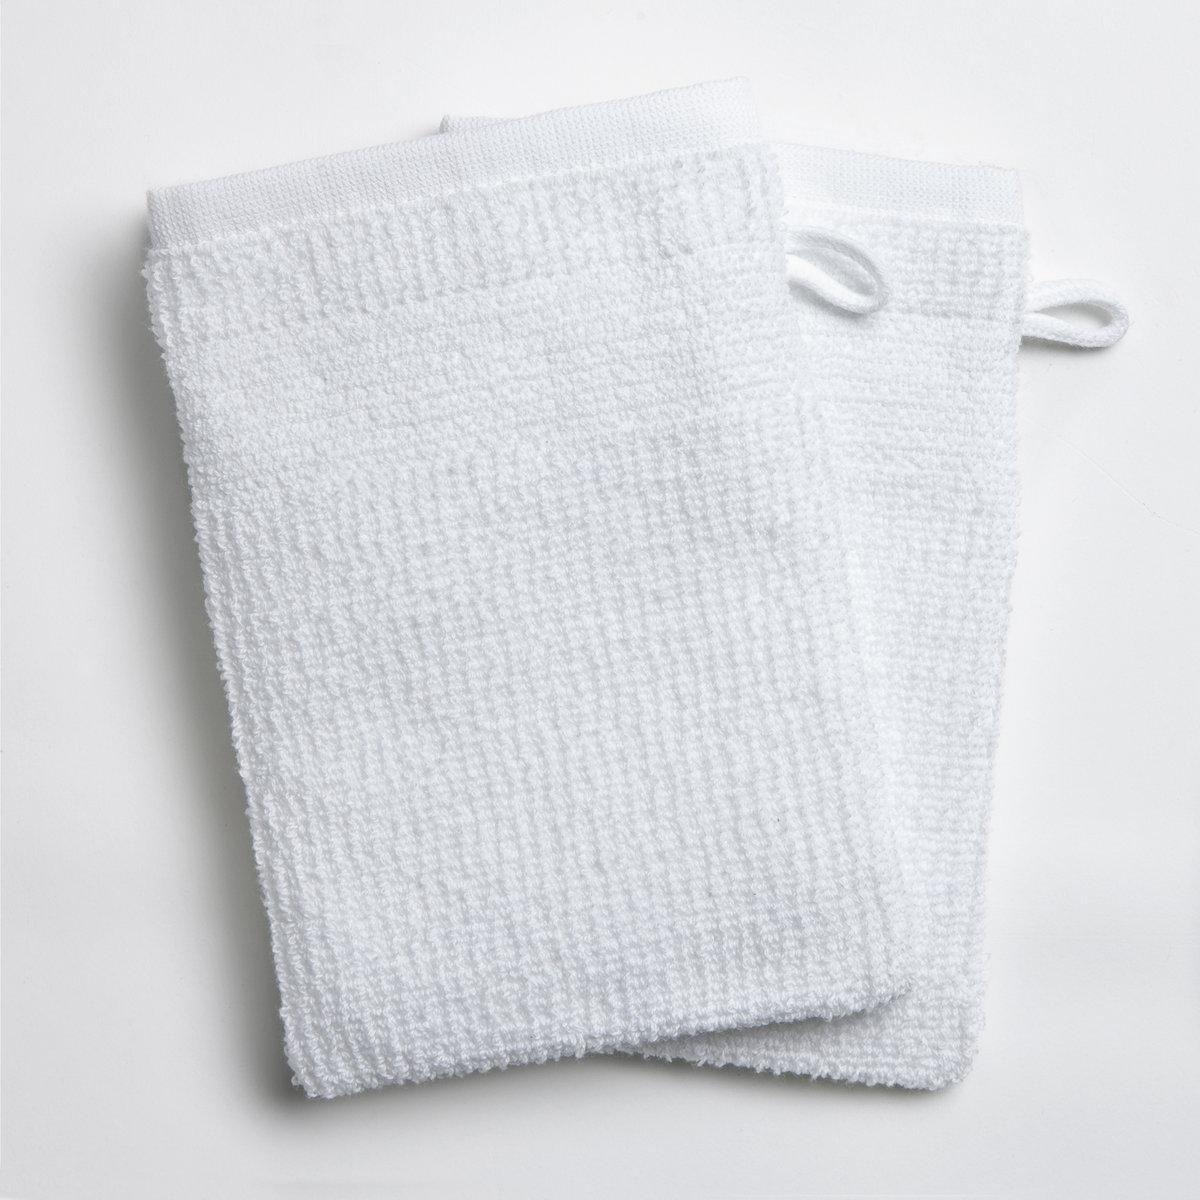 2 рукавицы банных из плетёной ткани рисовое зерно 400 г/м?Характеристики банной руковицы 400 г/м? :Плетёная ткань рисовое зерно, 100% хлопка (500 г/м?). Гарантированная мягкость, удивительная прочность и отличная устойчивость цвета даже после нескольких стирок при 60°.Машинная сушка.<br><br>Цвет: антрацит,белый<br>Размер: комплект из 2